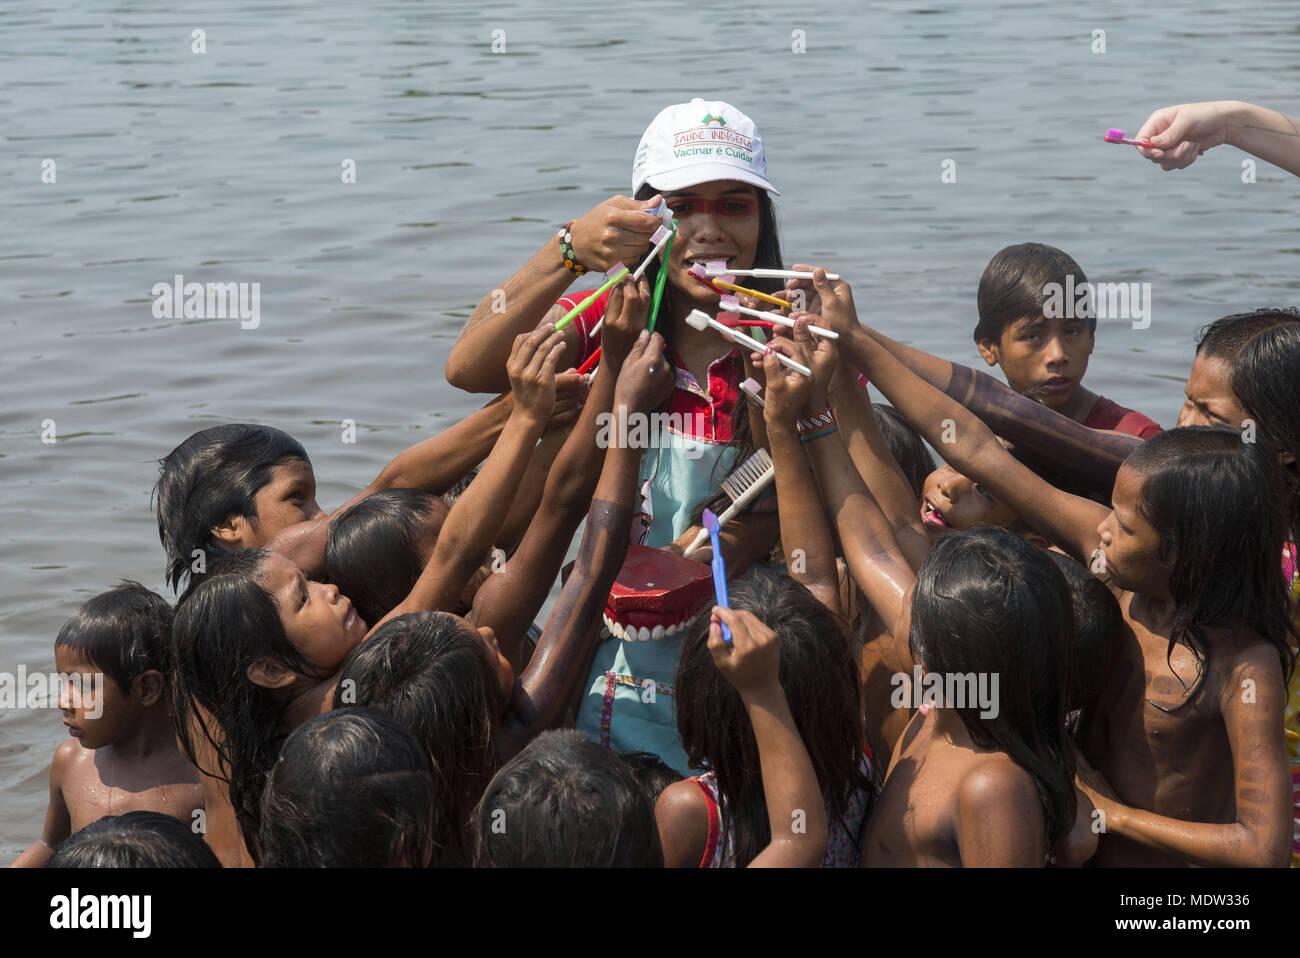 Dentista distribuye para el pueblo Kayapo dentífrico Moikarako niños después de recibir asesoramiento sobre higiene oral y Brazilushing Imagen De Stock